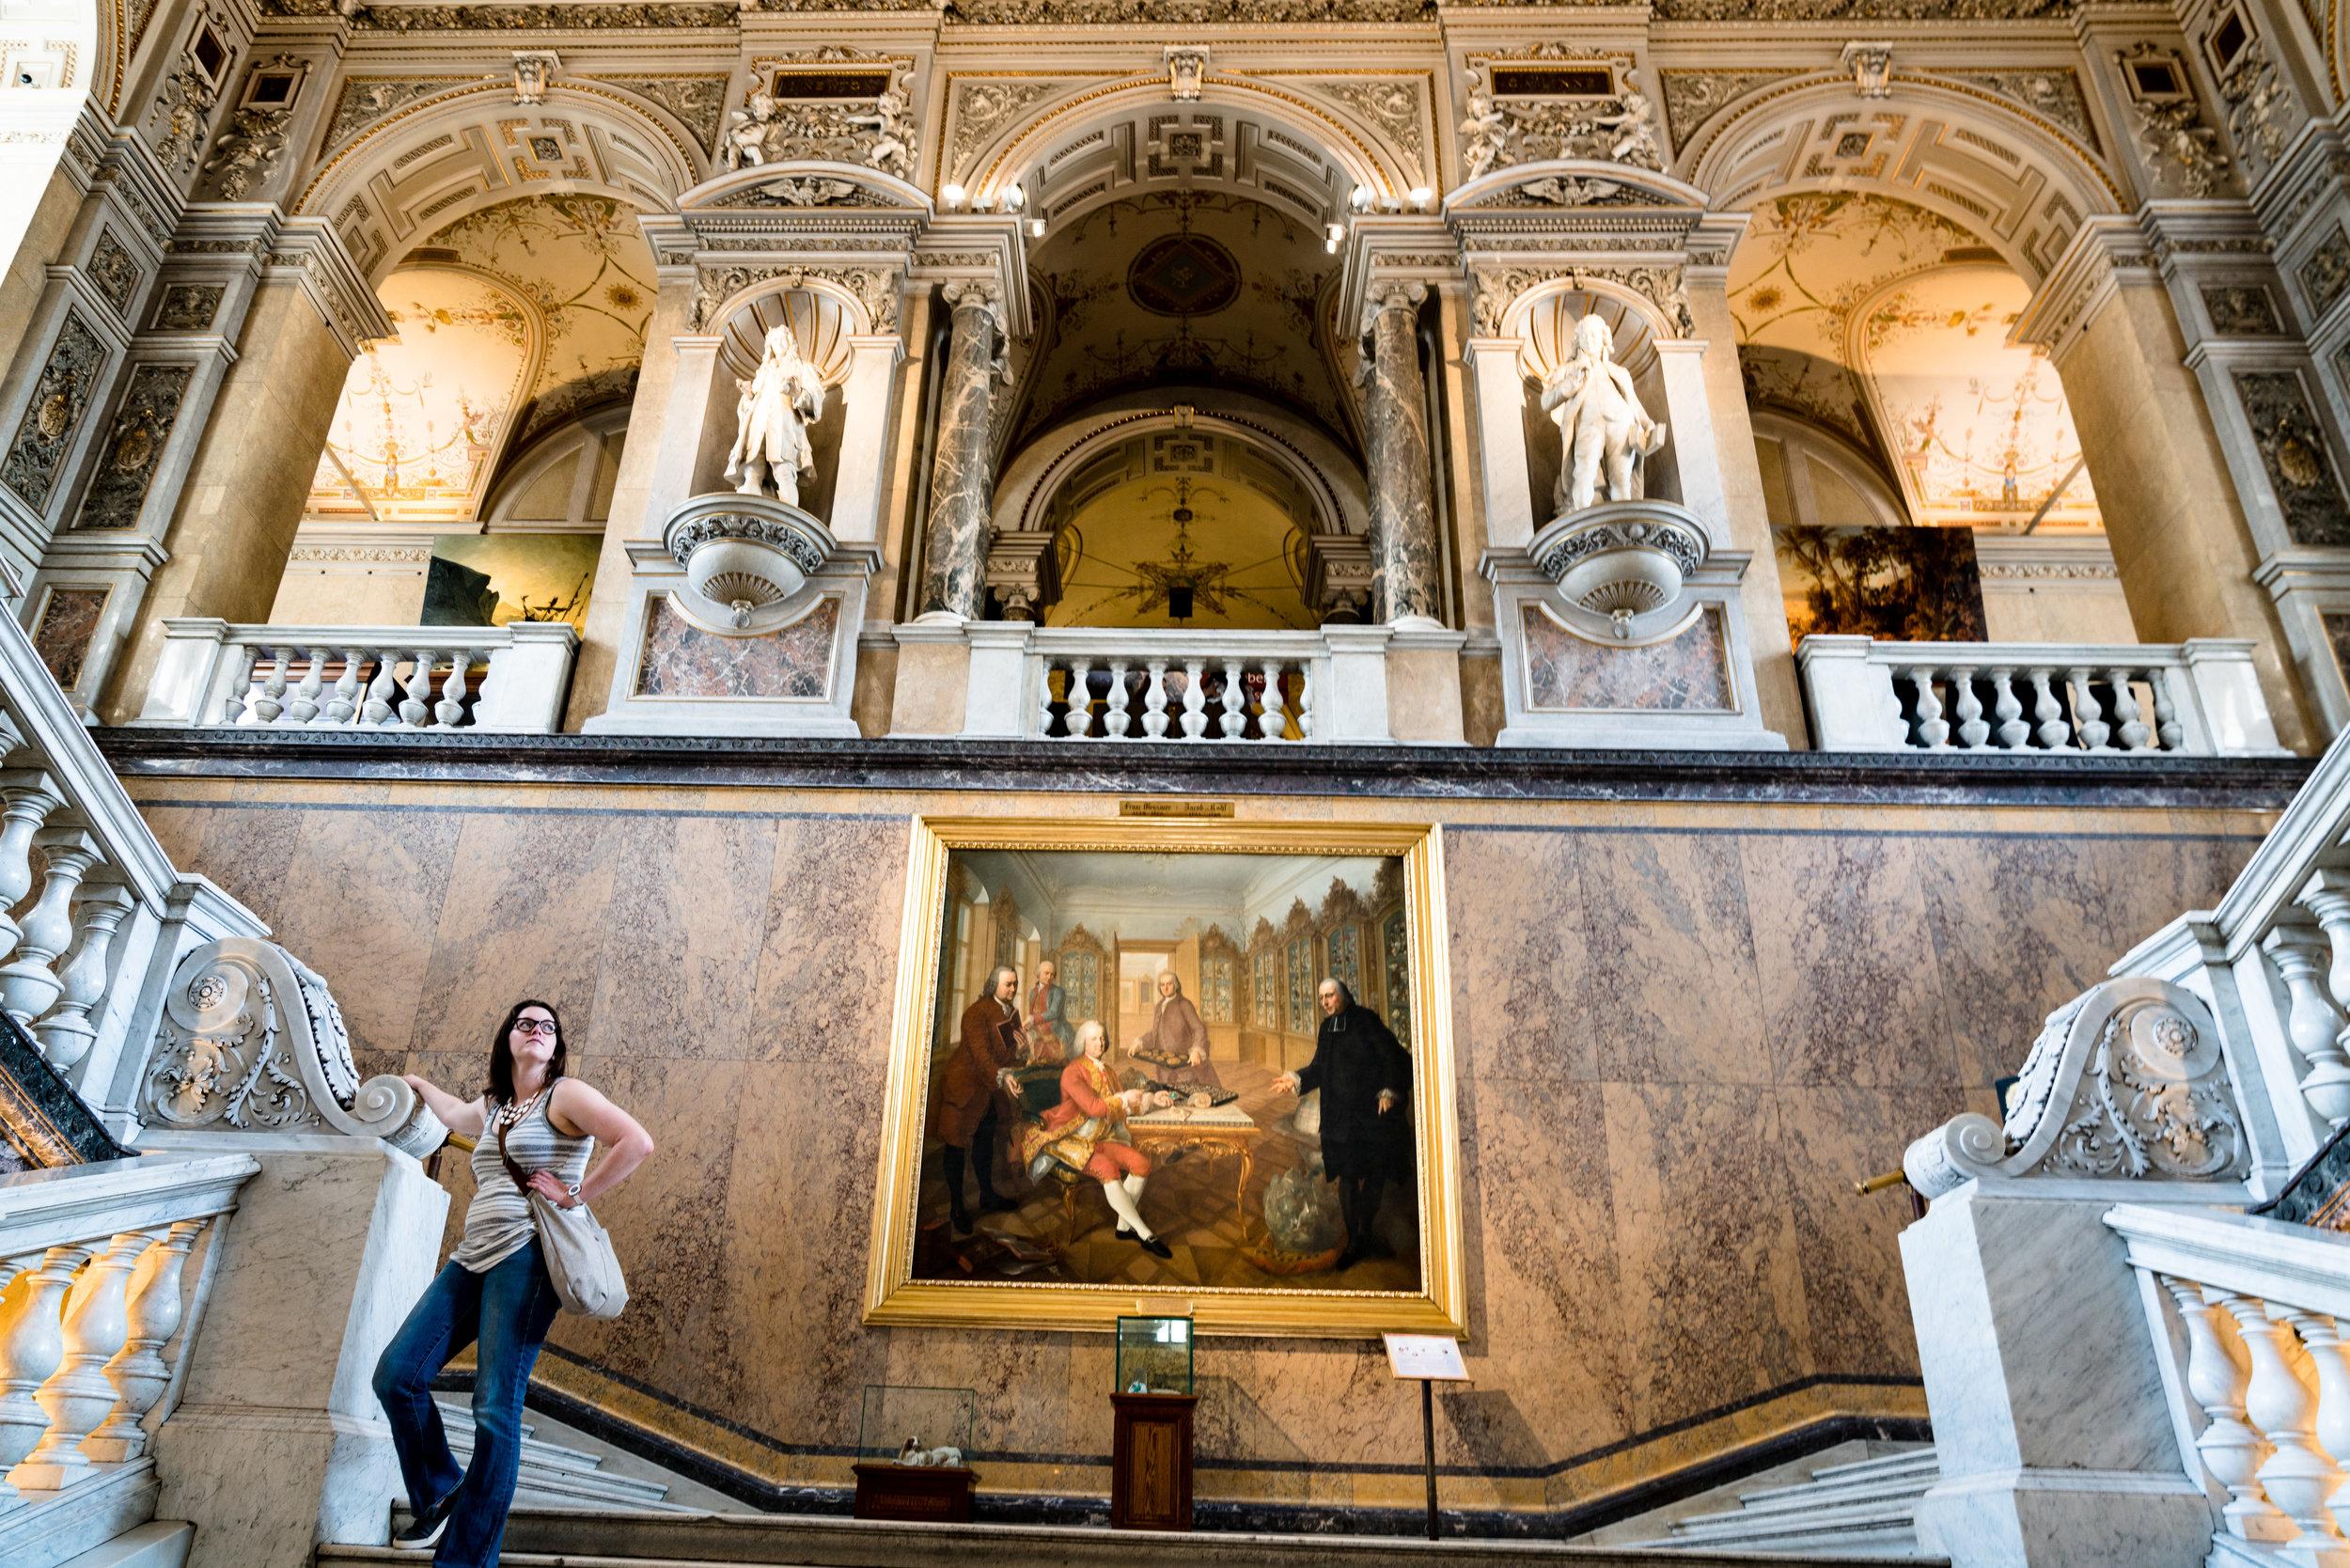 Vienna Carolyn Museum Stairs.jpg